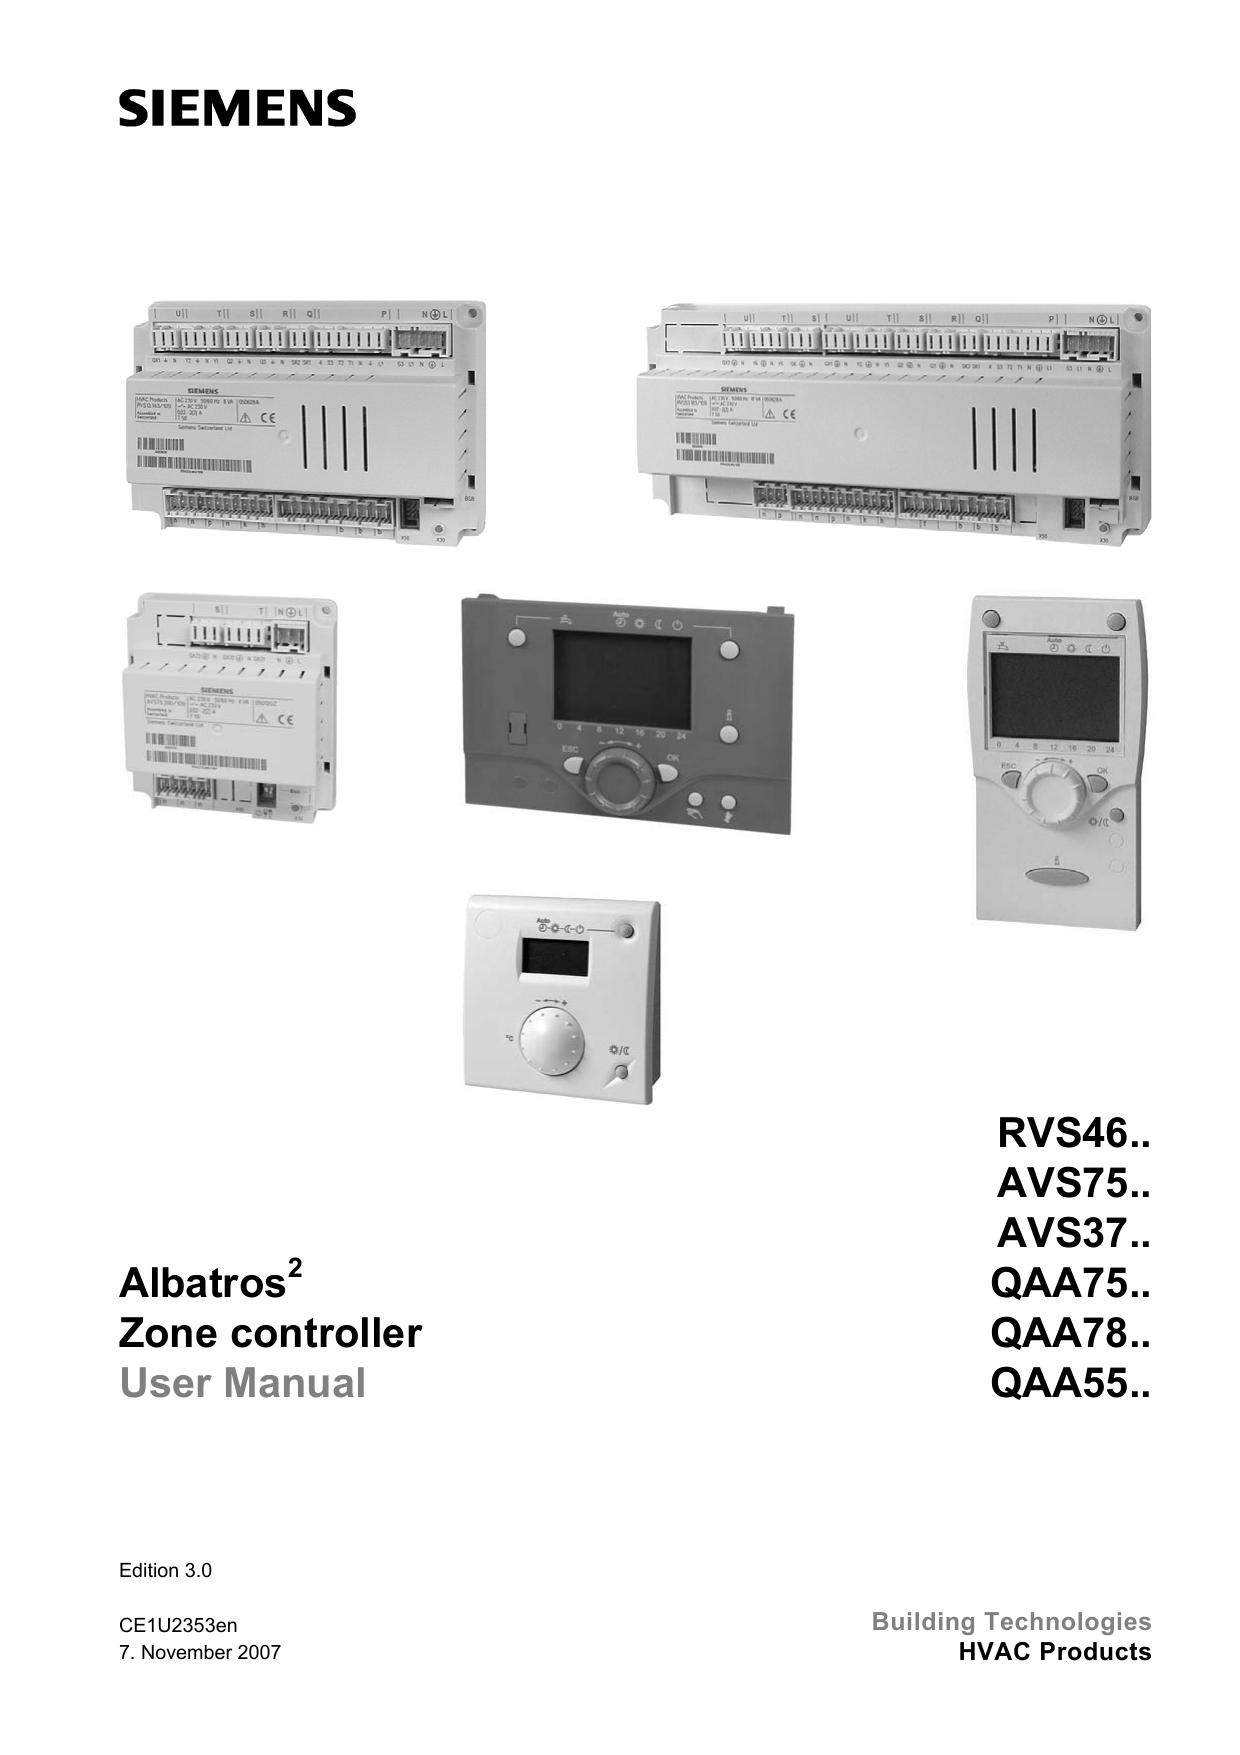 Albatros Zone controller User Manual RVS46.. AVS75.. AVS37 ... on